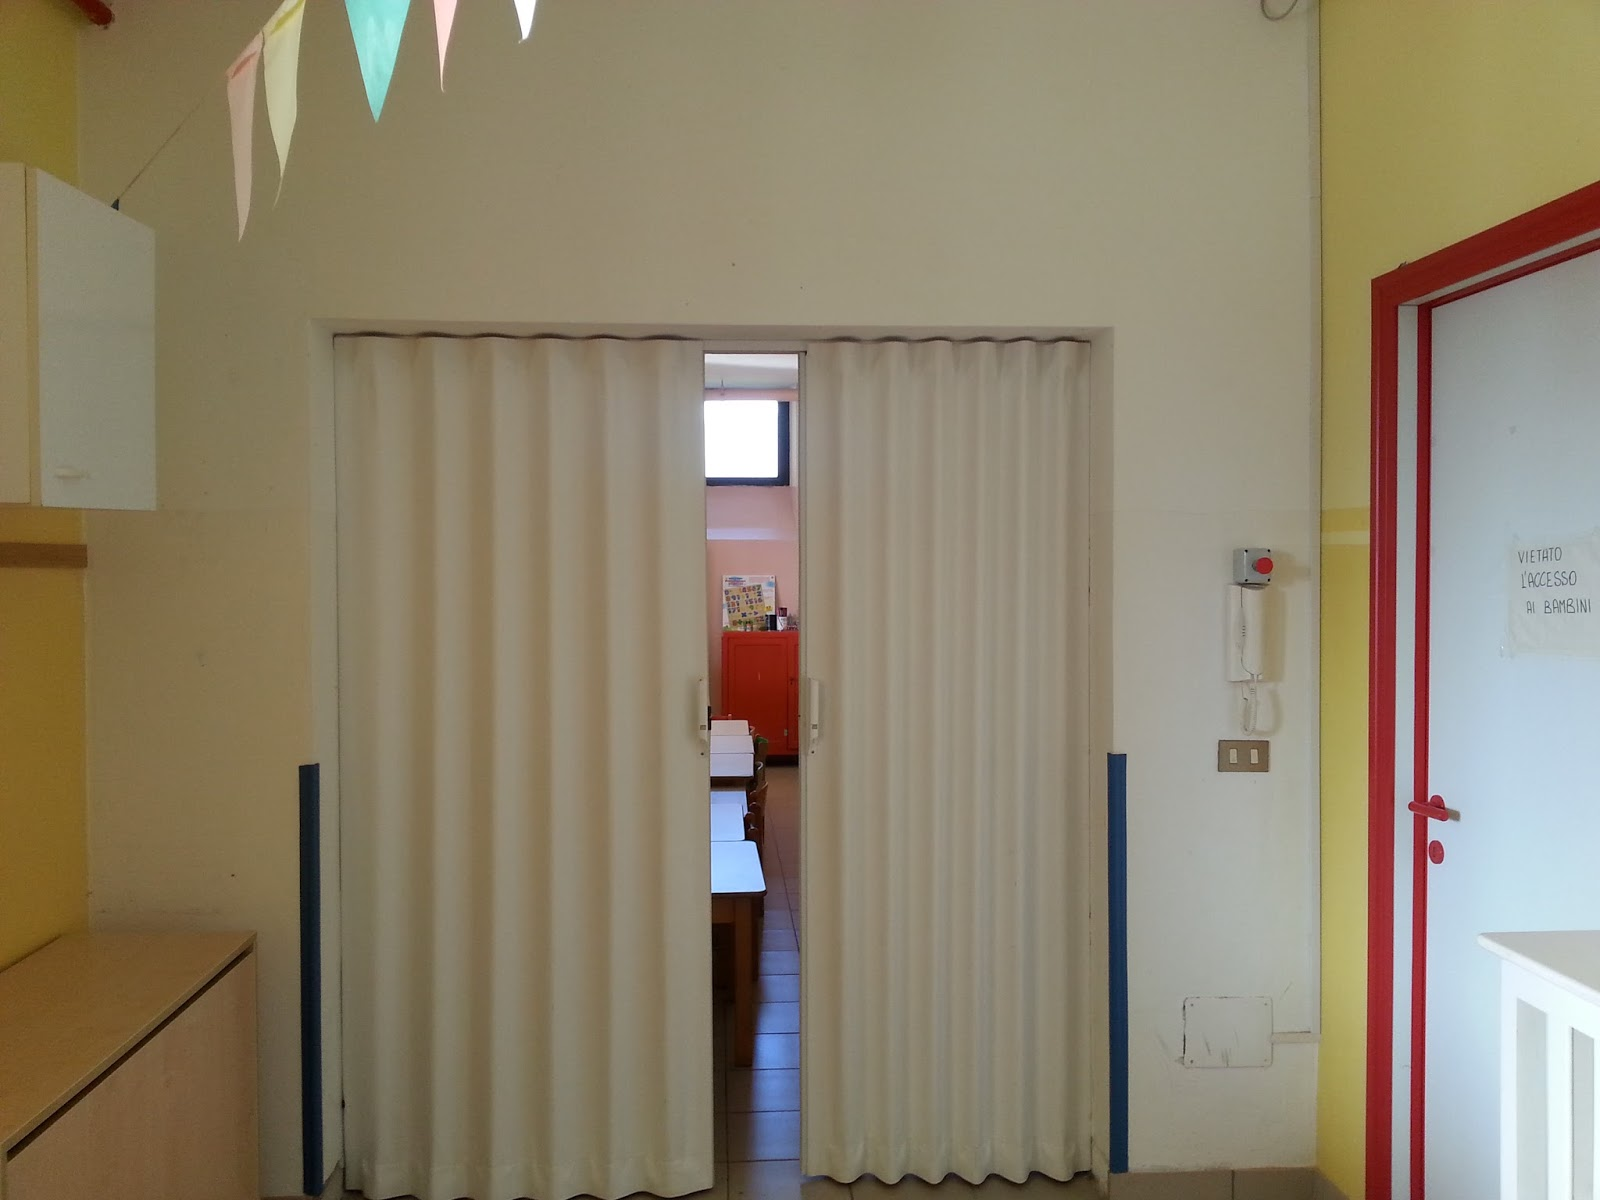 porte a soffietto: Porta a soffietto in ambiente scolastico